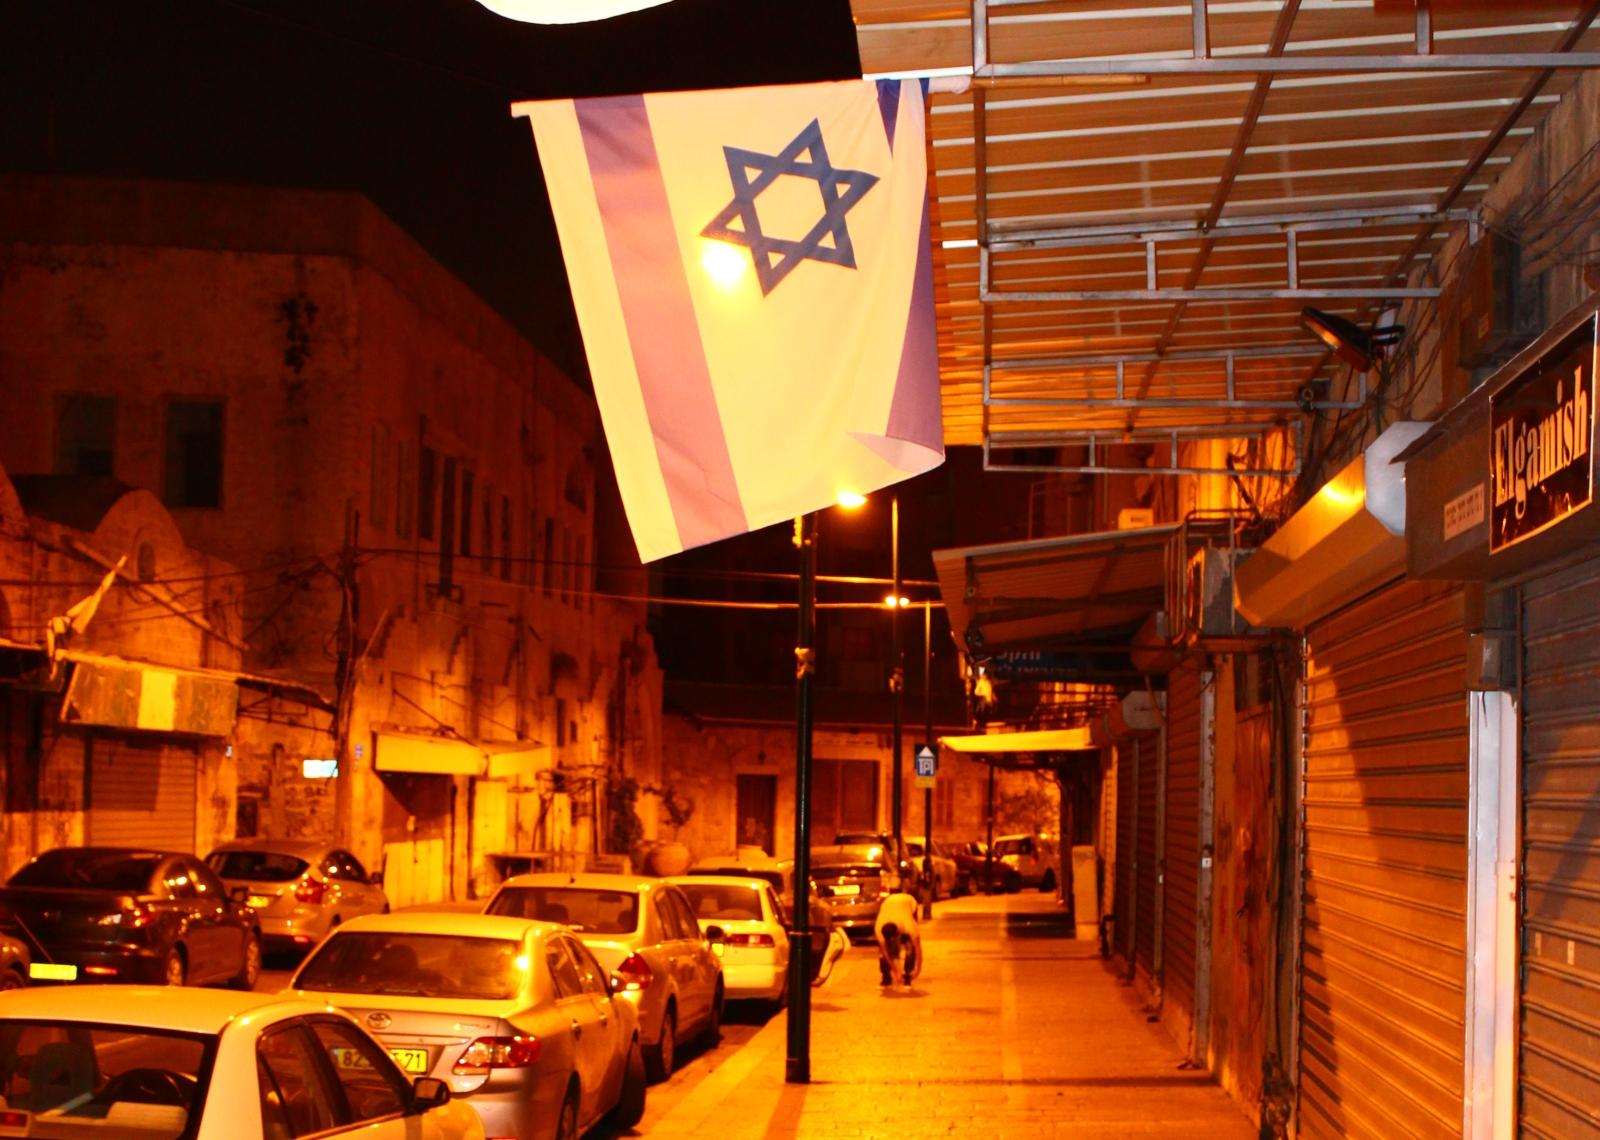 Флаги Израиля повсюду